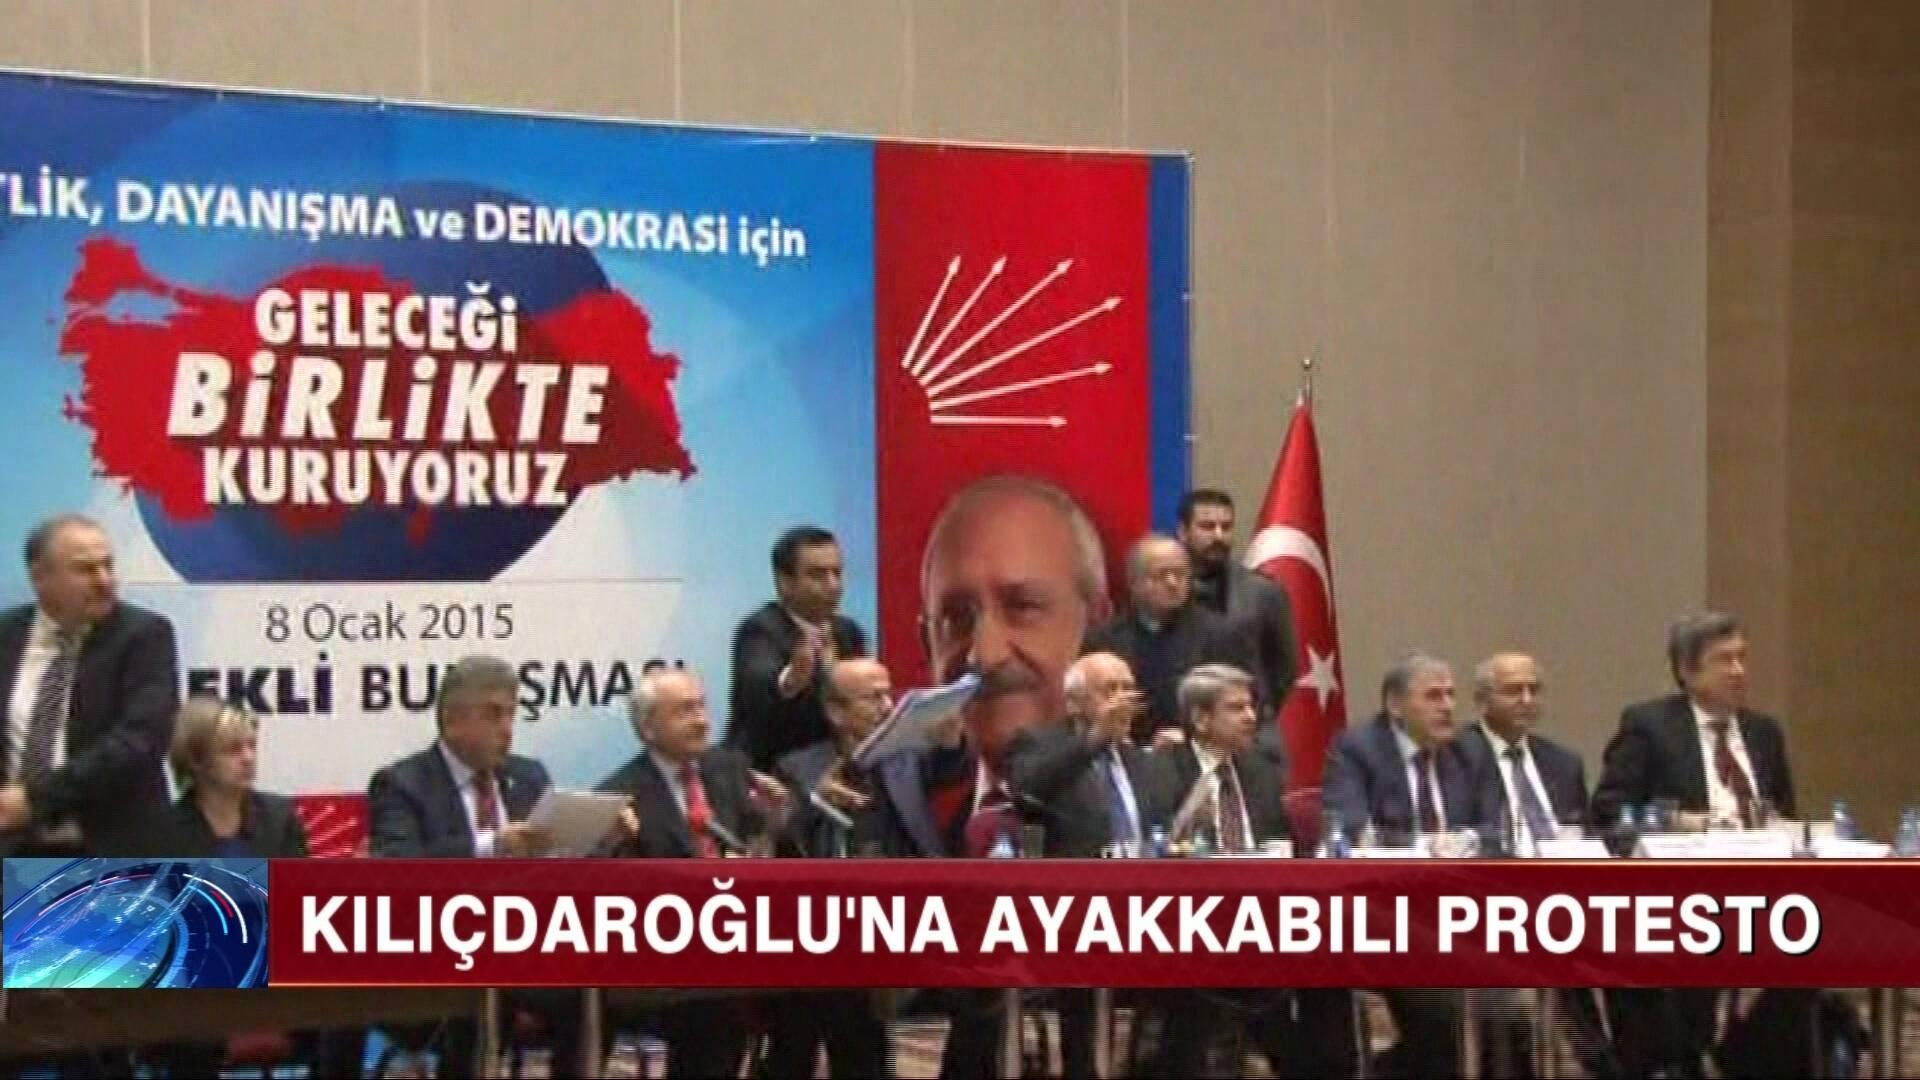 Kılıçdaroğlu'na ayakkabılı saldırı!